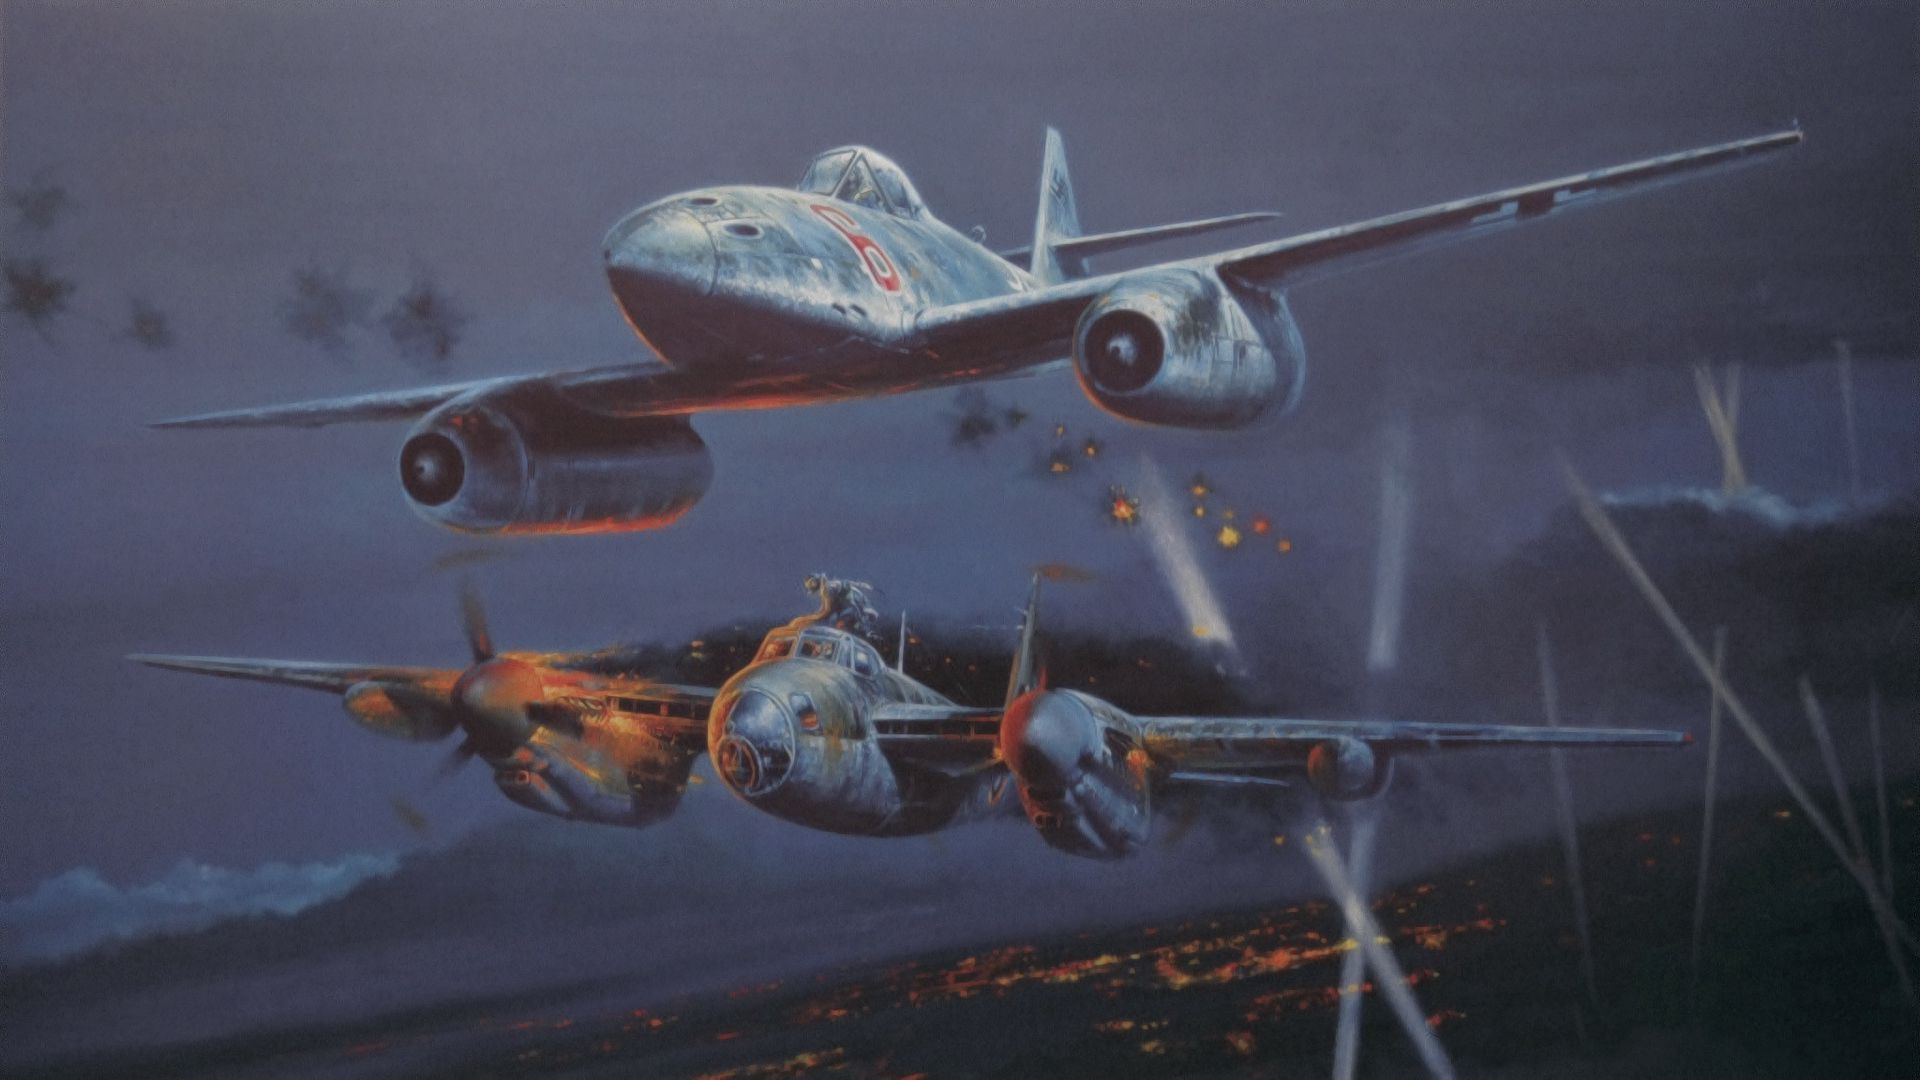 80266 baixar papel de parede Guerra, Arte, Messerschmitt Me 262, Mosquito De Havilland, Lutador Noturno, Ww2, 2ª Guerra Mundial - protetores de tela e imagens gratuitamente